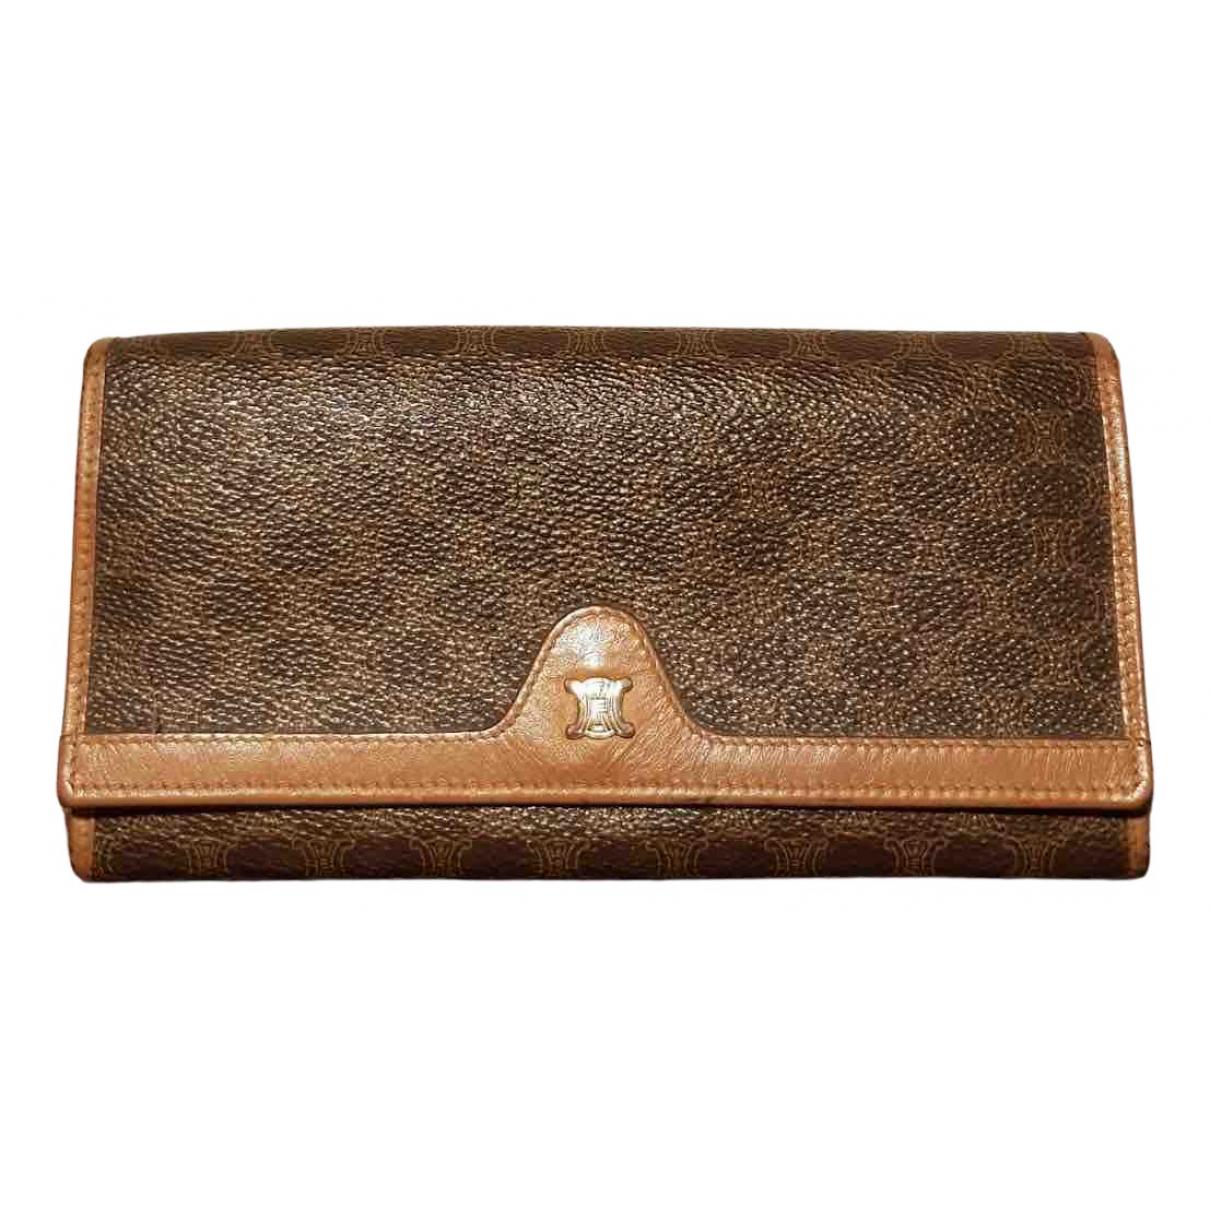 Celine \N Portemonnaie in  Braun Leder